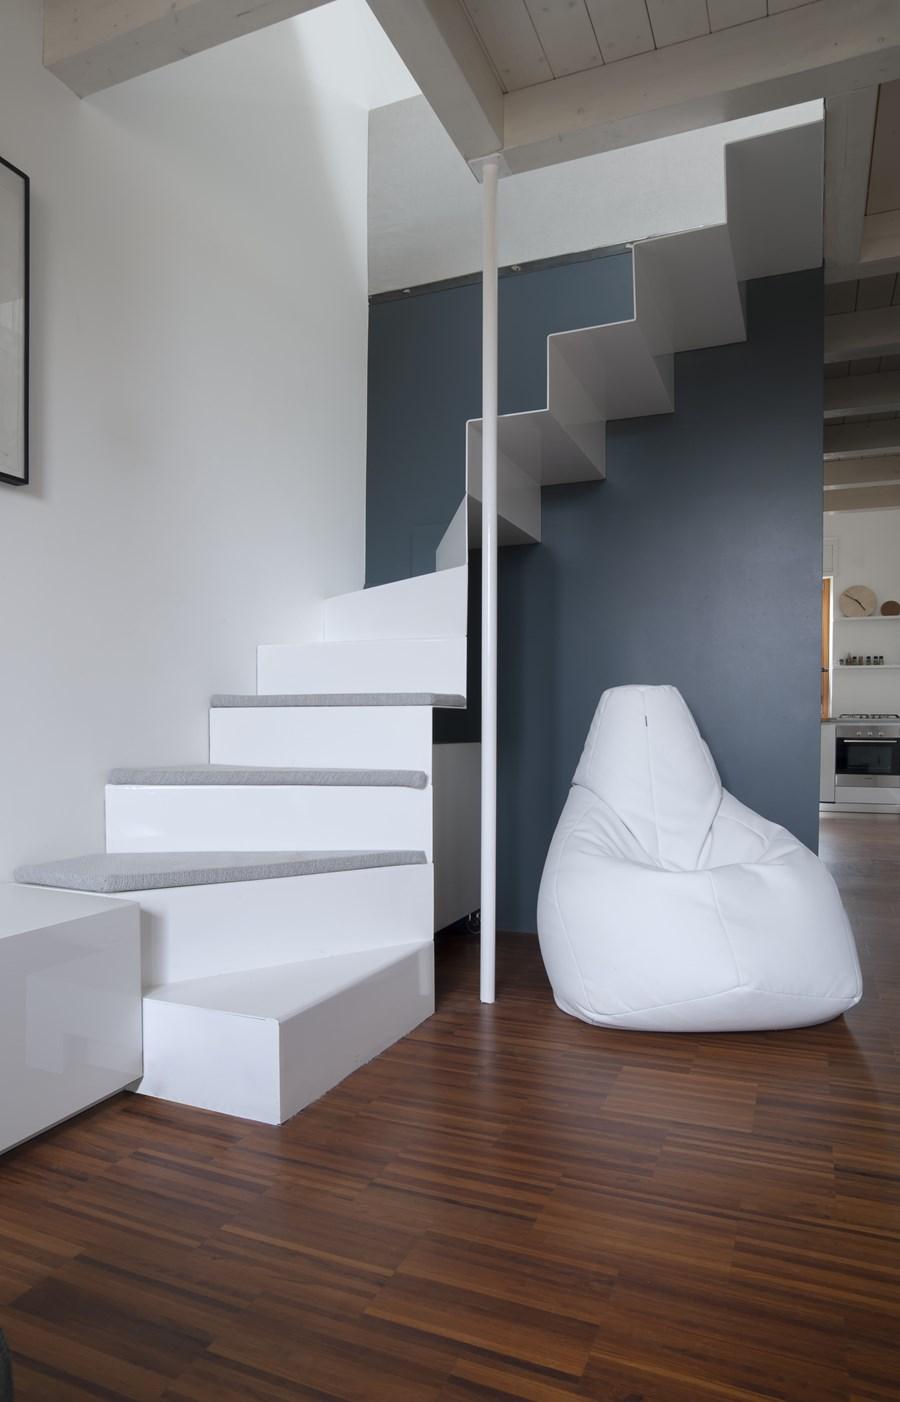 CPR attic refurbishment and extension by Piùerre 02